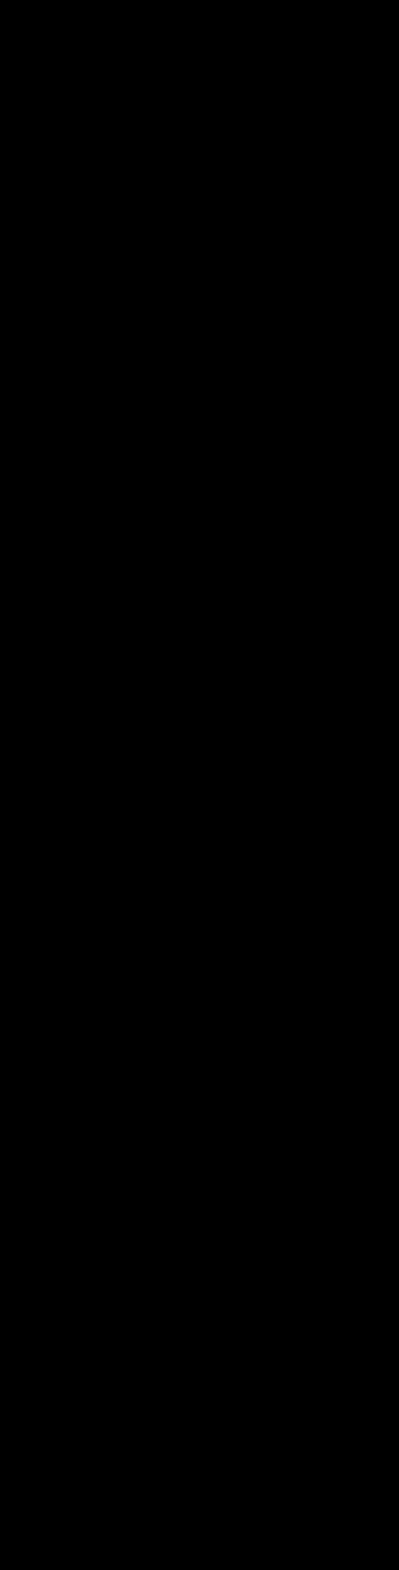 ตารางคอร์ดกีต้าร์ คอร์ดกีต้าร์ง่ายๆ เพลง งานเลี้ยงดวงดาว